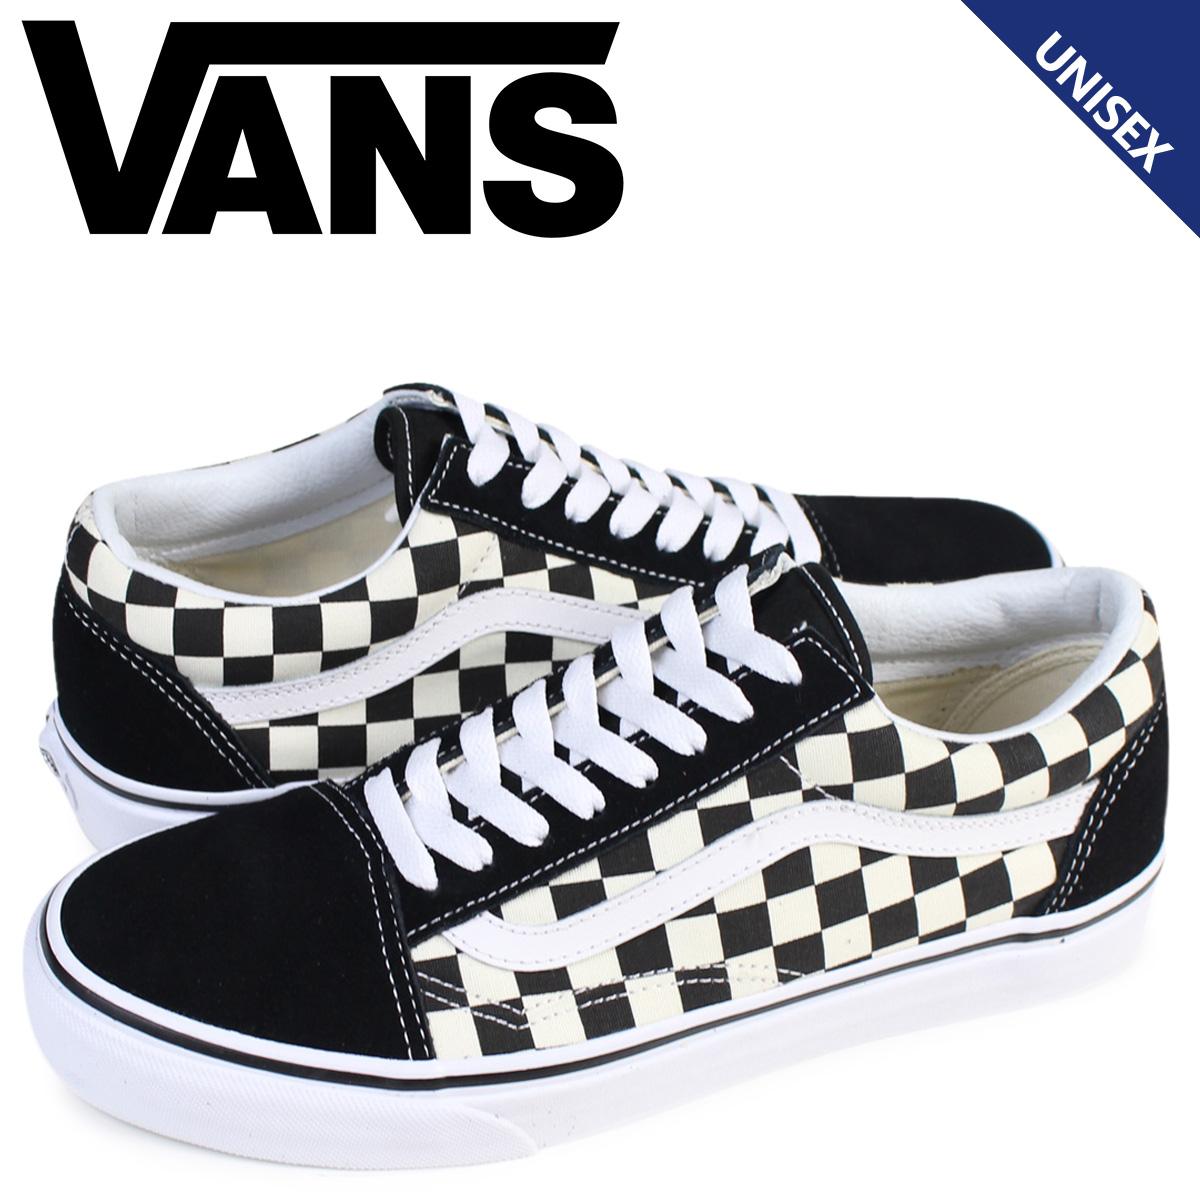 vans shoes black 6